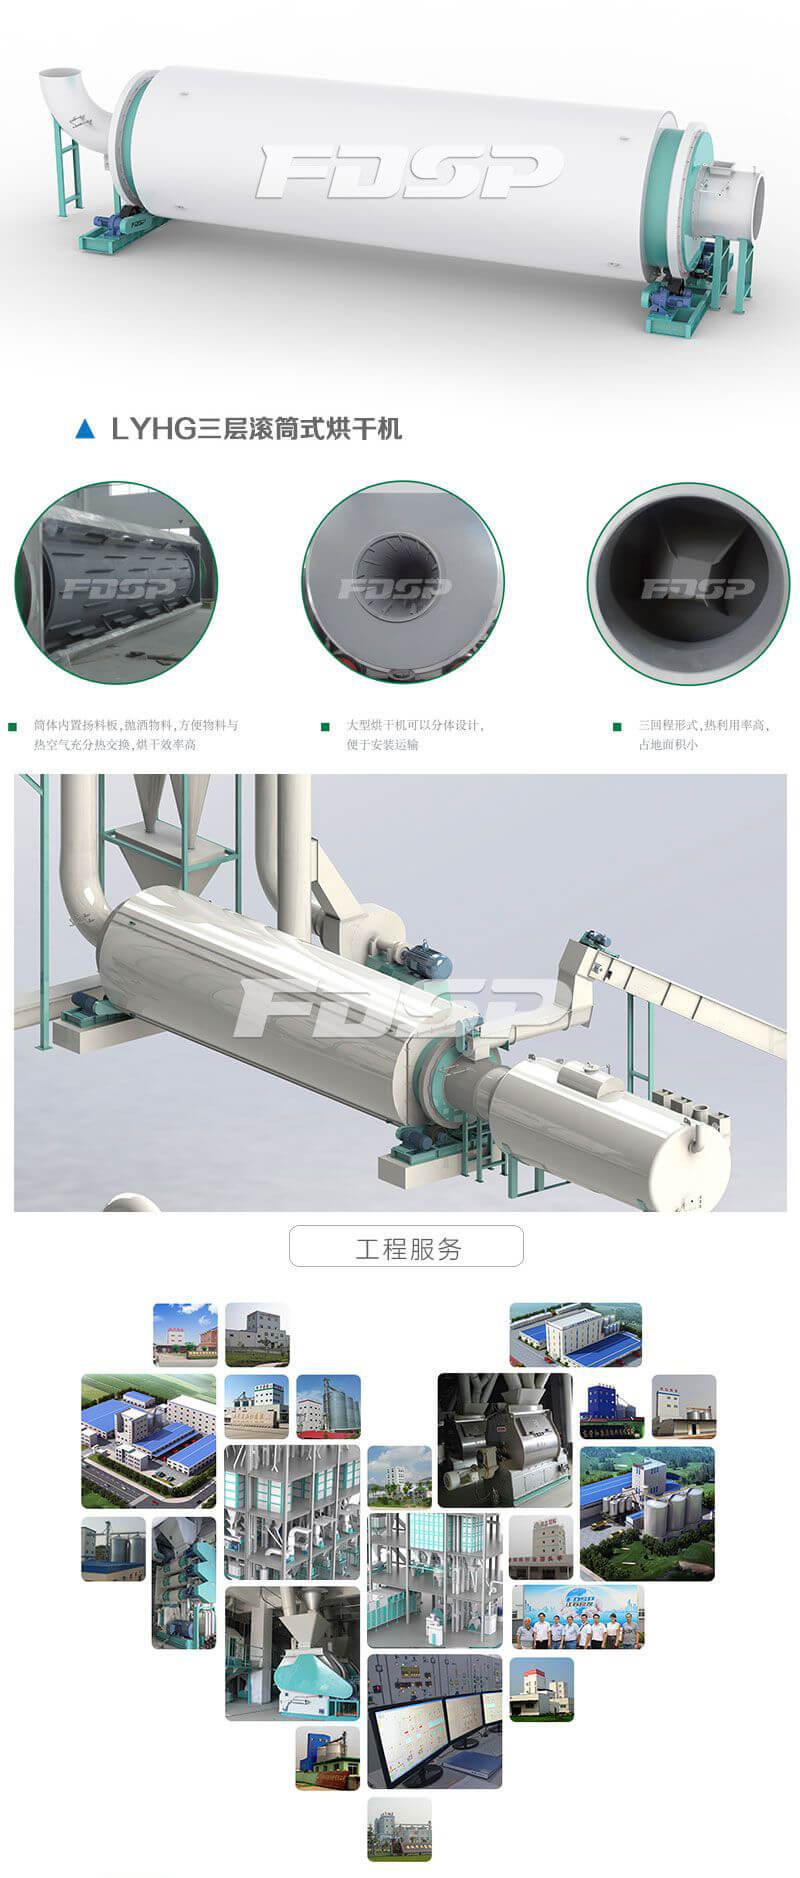 LYHG 系列三层滚筒烘干机